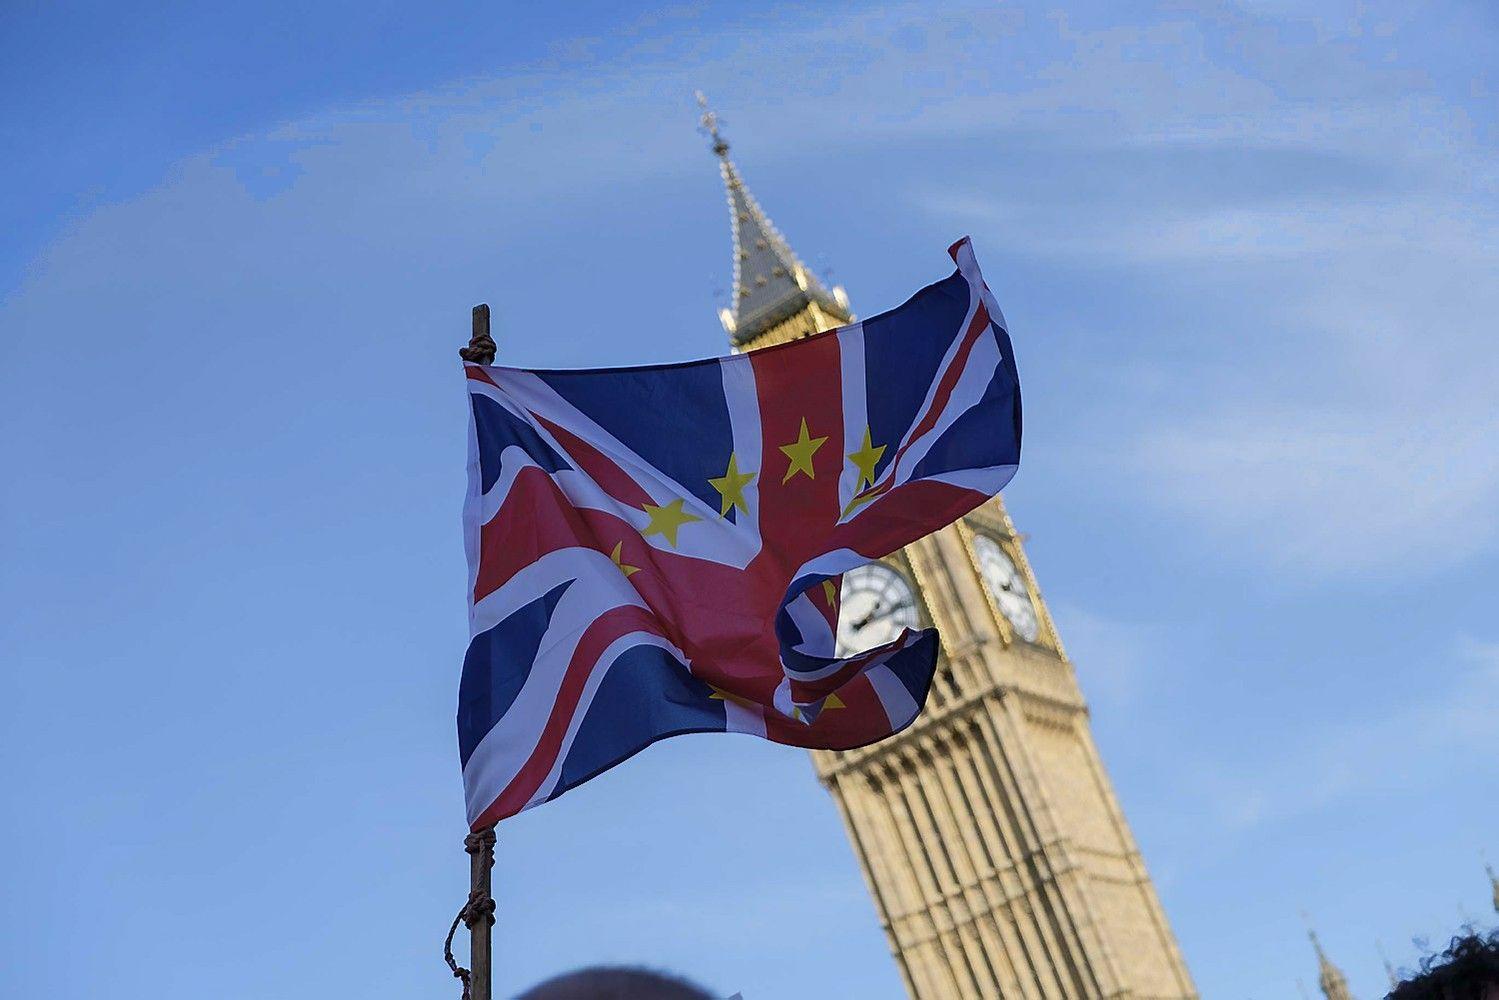 Dešimtadalis Vokietijos investuotojų svarsto kraustytis iš JK į ES